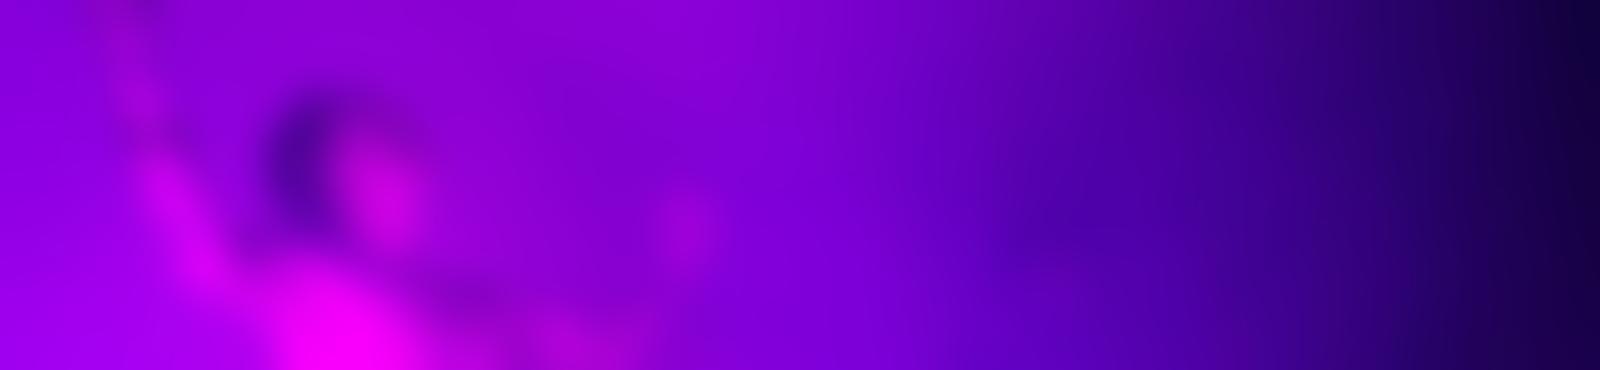 Blurred 5c174f07 f803 4517 ba3c b4c2aba0d3f4